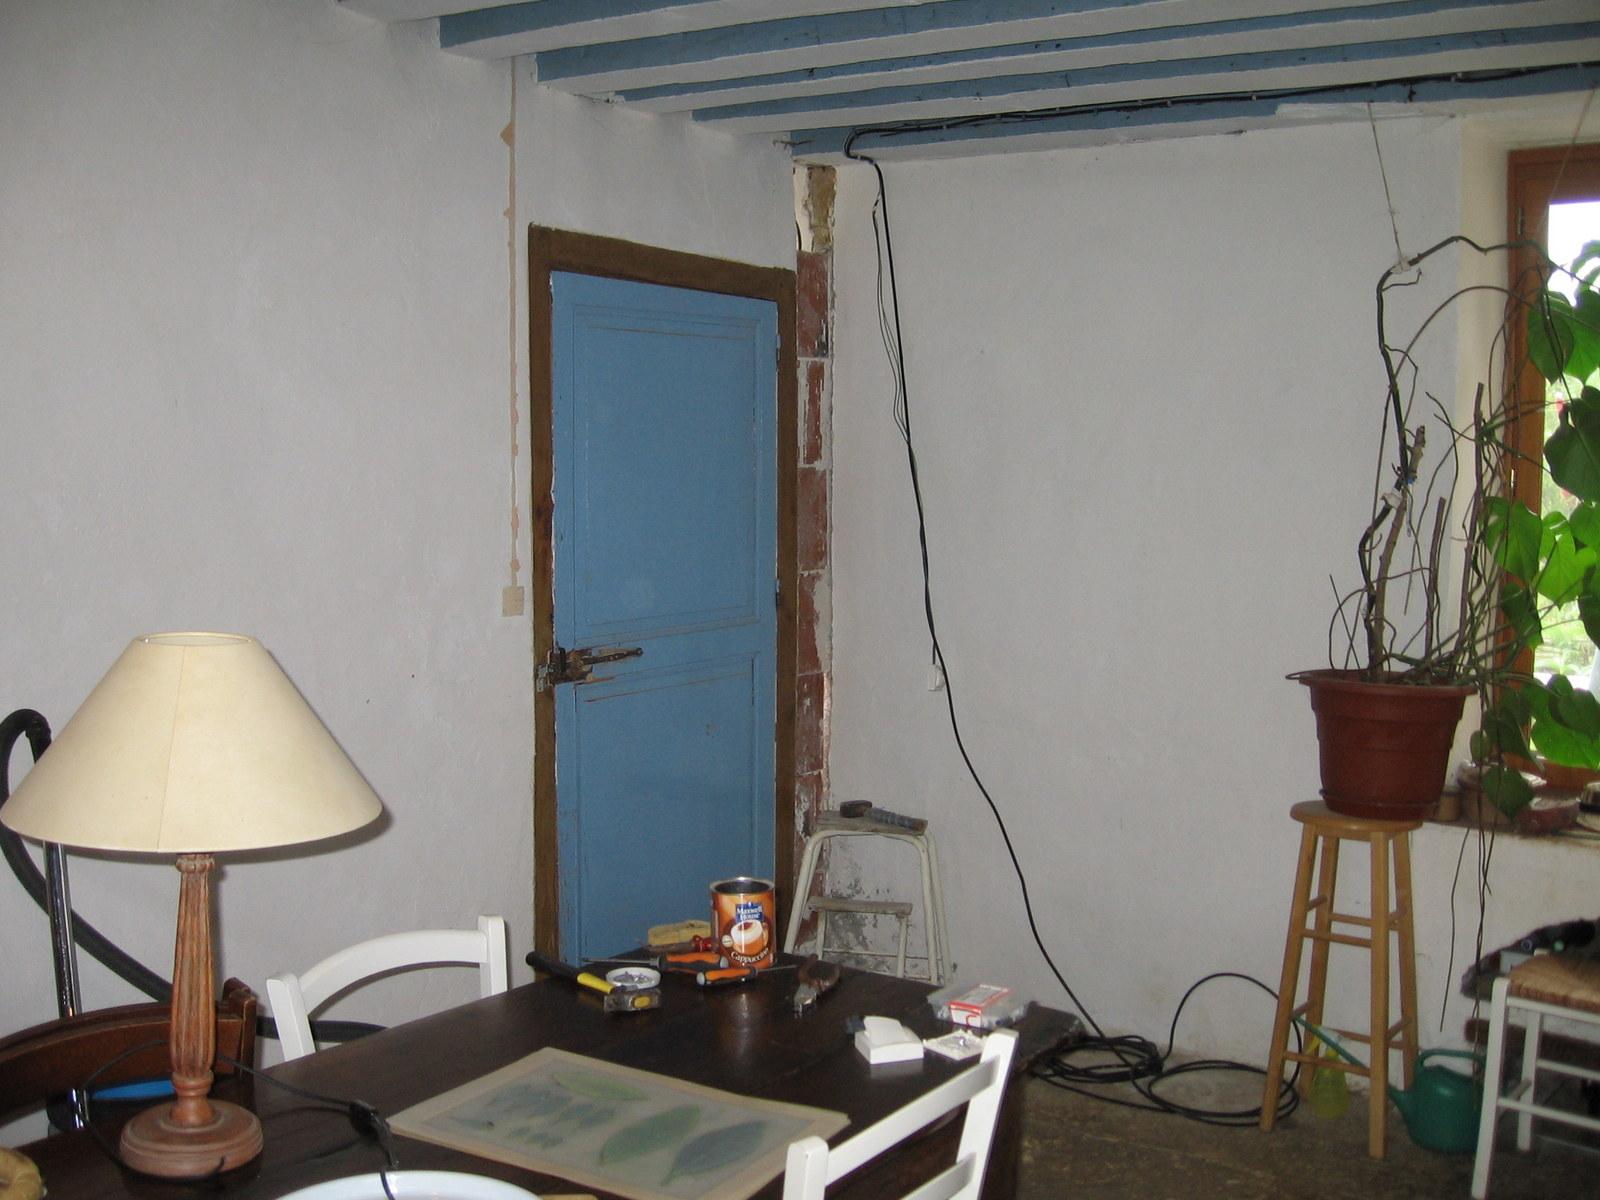 la petite maison dans la campagne quelques coups de marteau. Black Bedroom Furniture Sets. Home Design Ideas